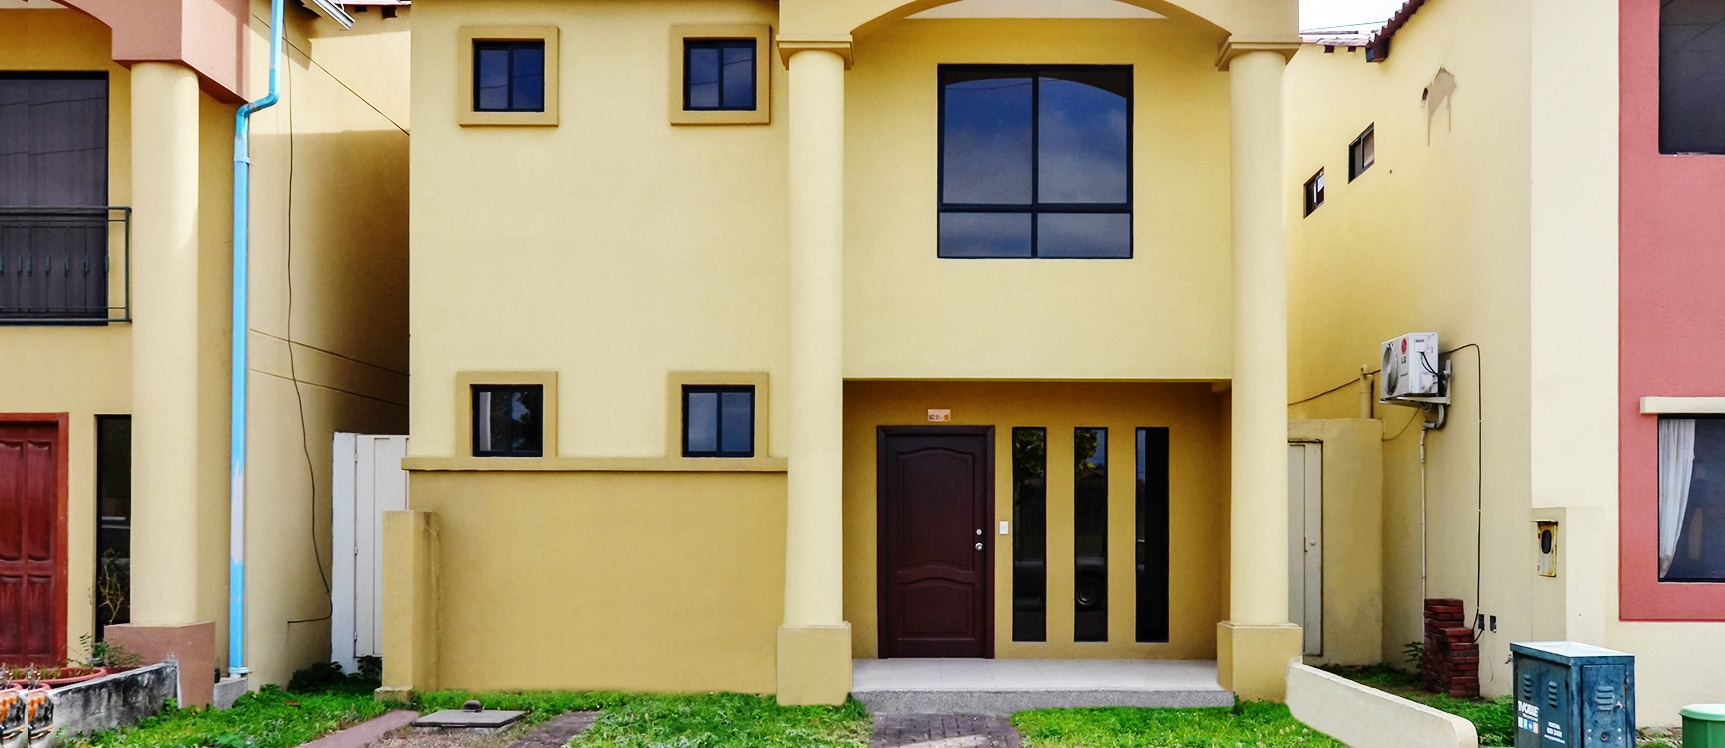 GeoBienes - Casa en venta en Villa Club sector Vía Samborondón - Plusvalia Guayaquil Casas de venta y alquiler Inmobiliaria Ecuador